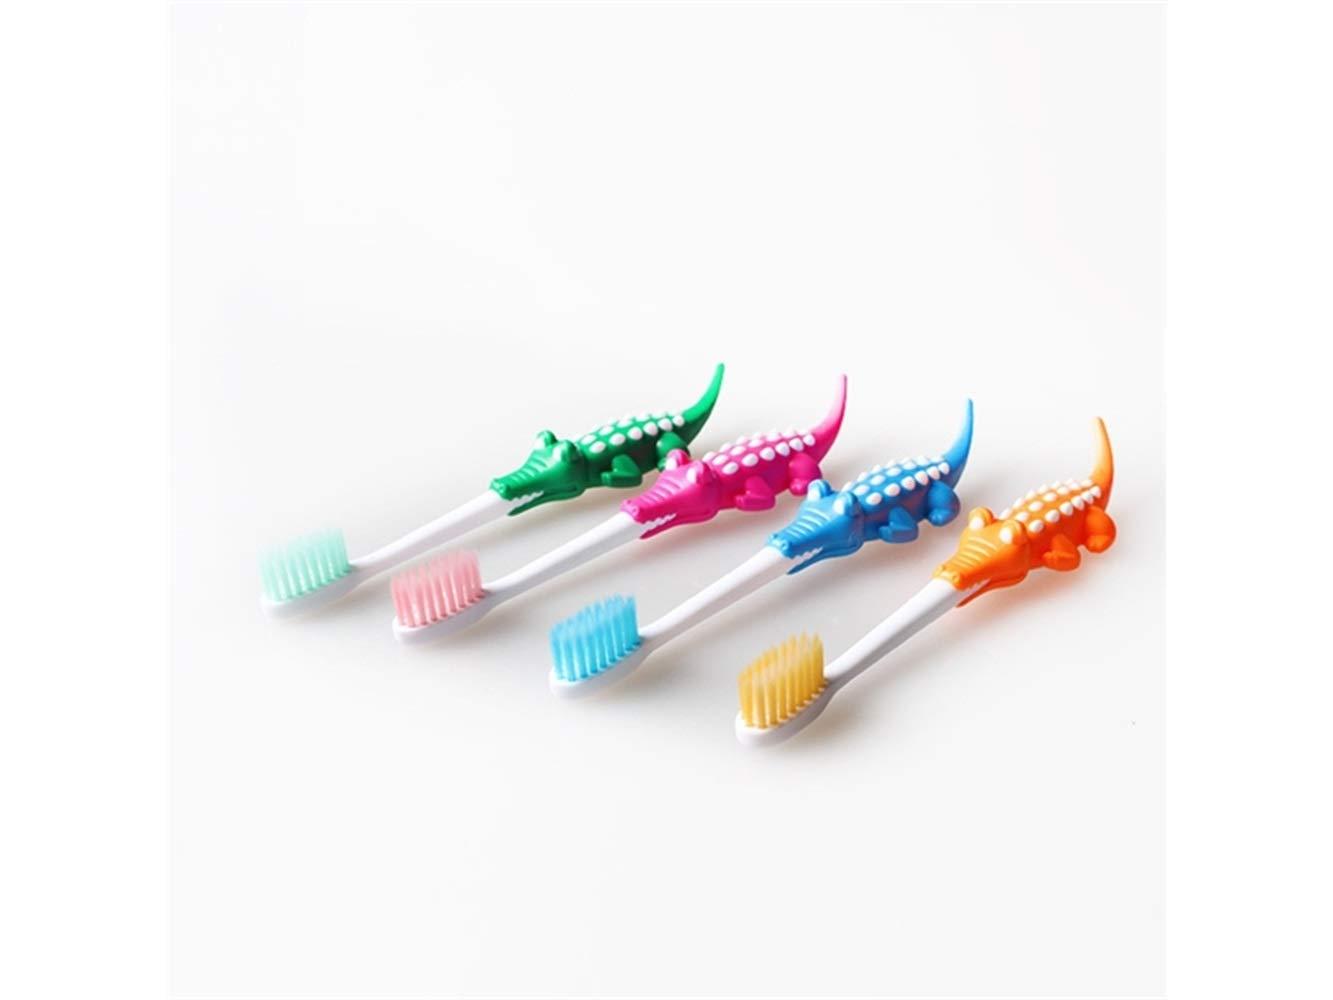 Cepillo de dientes suave 5 piezas de dibujos animados de ...